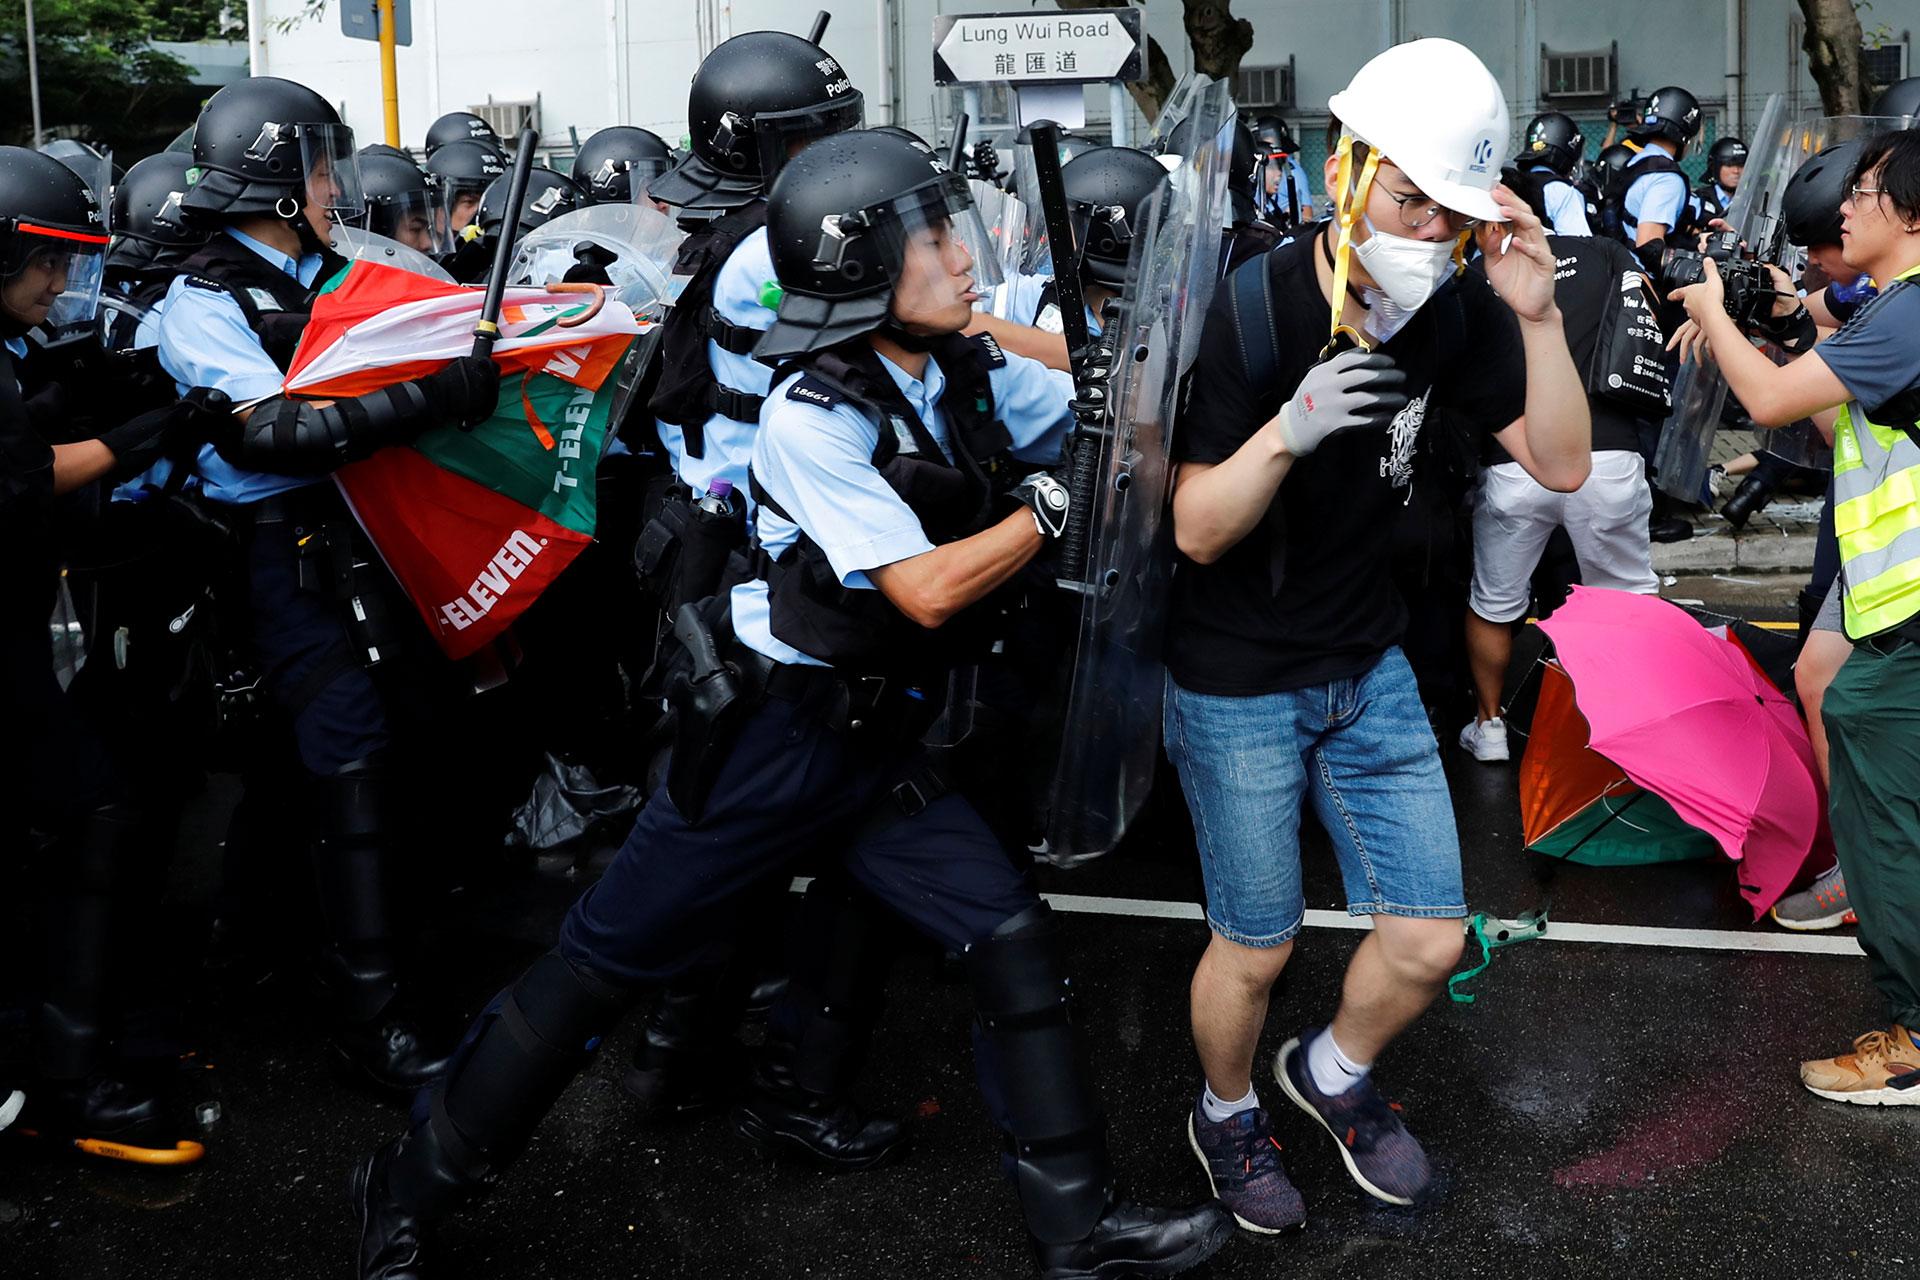 La policía intenta dispersar a los manifestantes cerca de una ceremonia de bandera. (Reuters / Tyrone Siu)